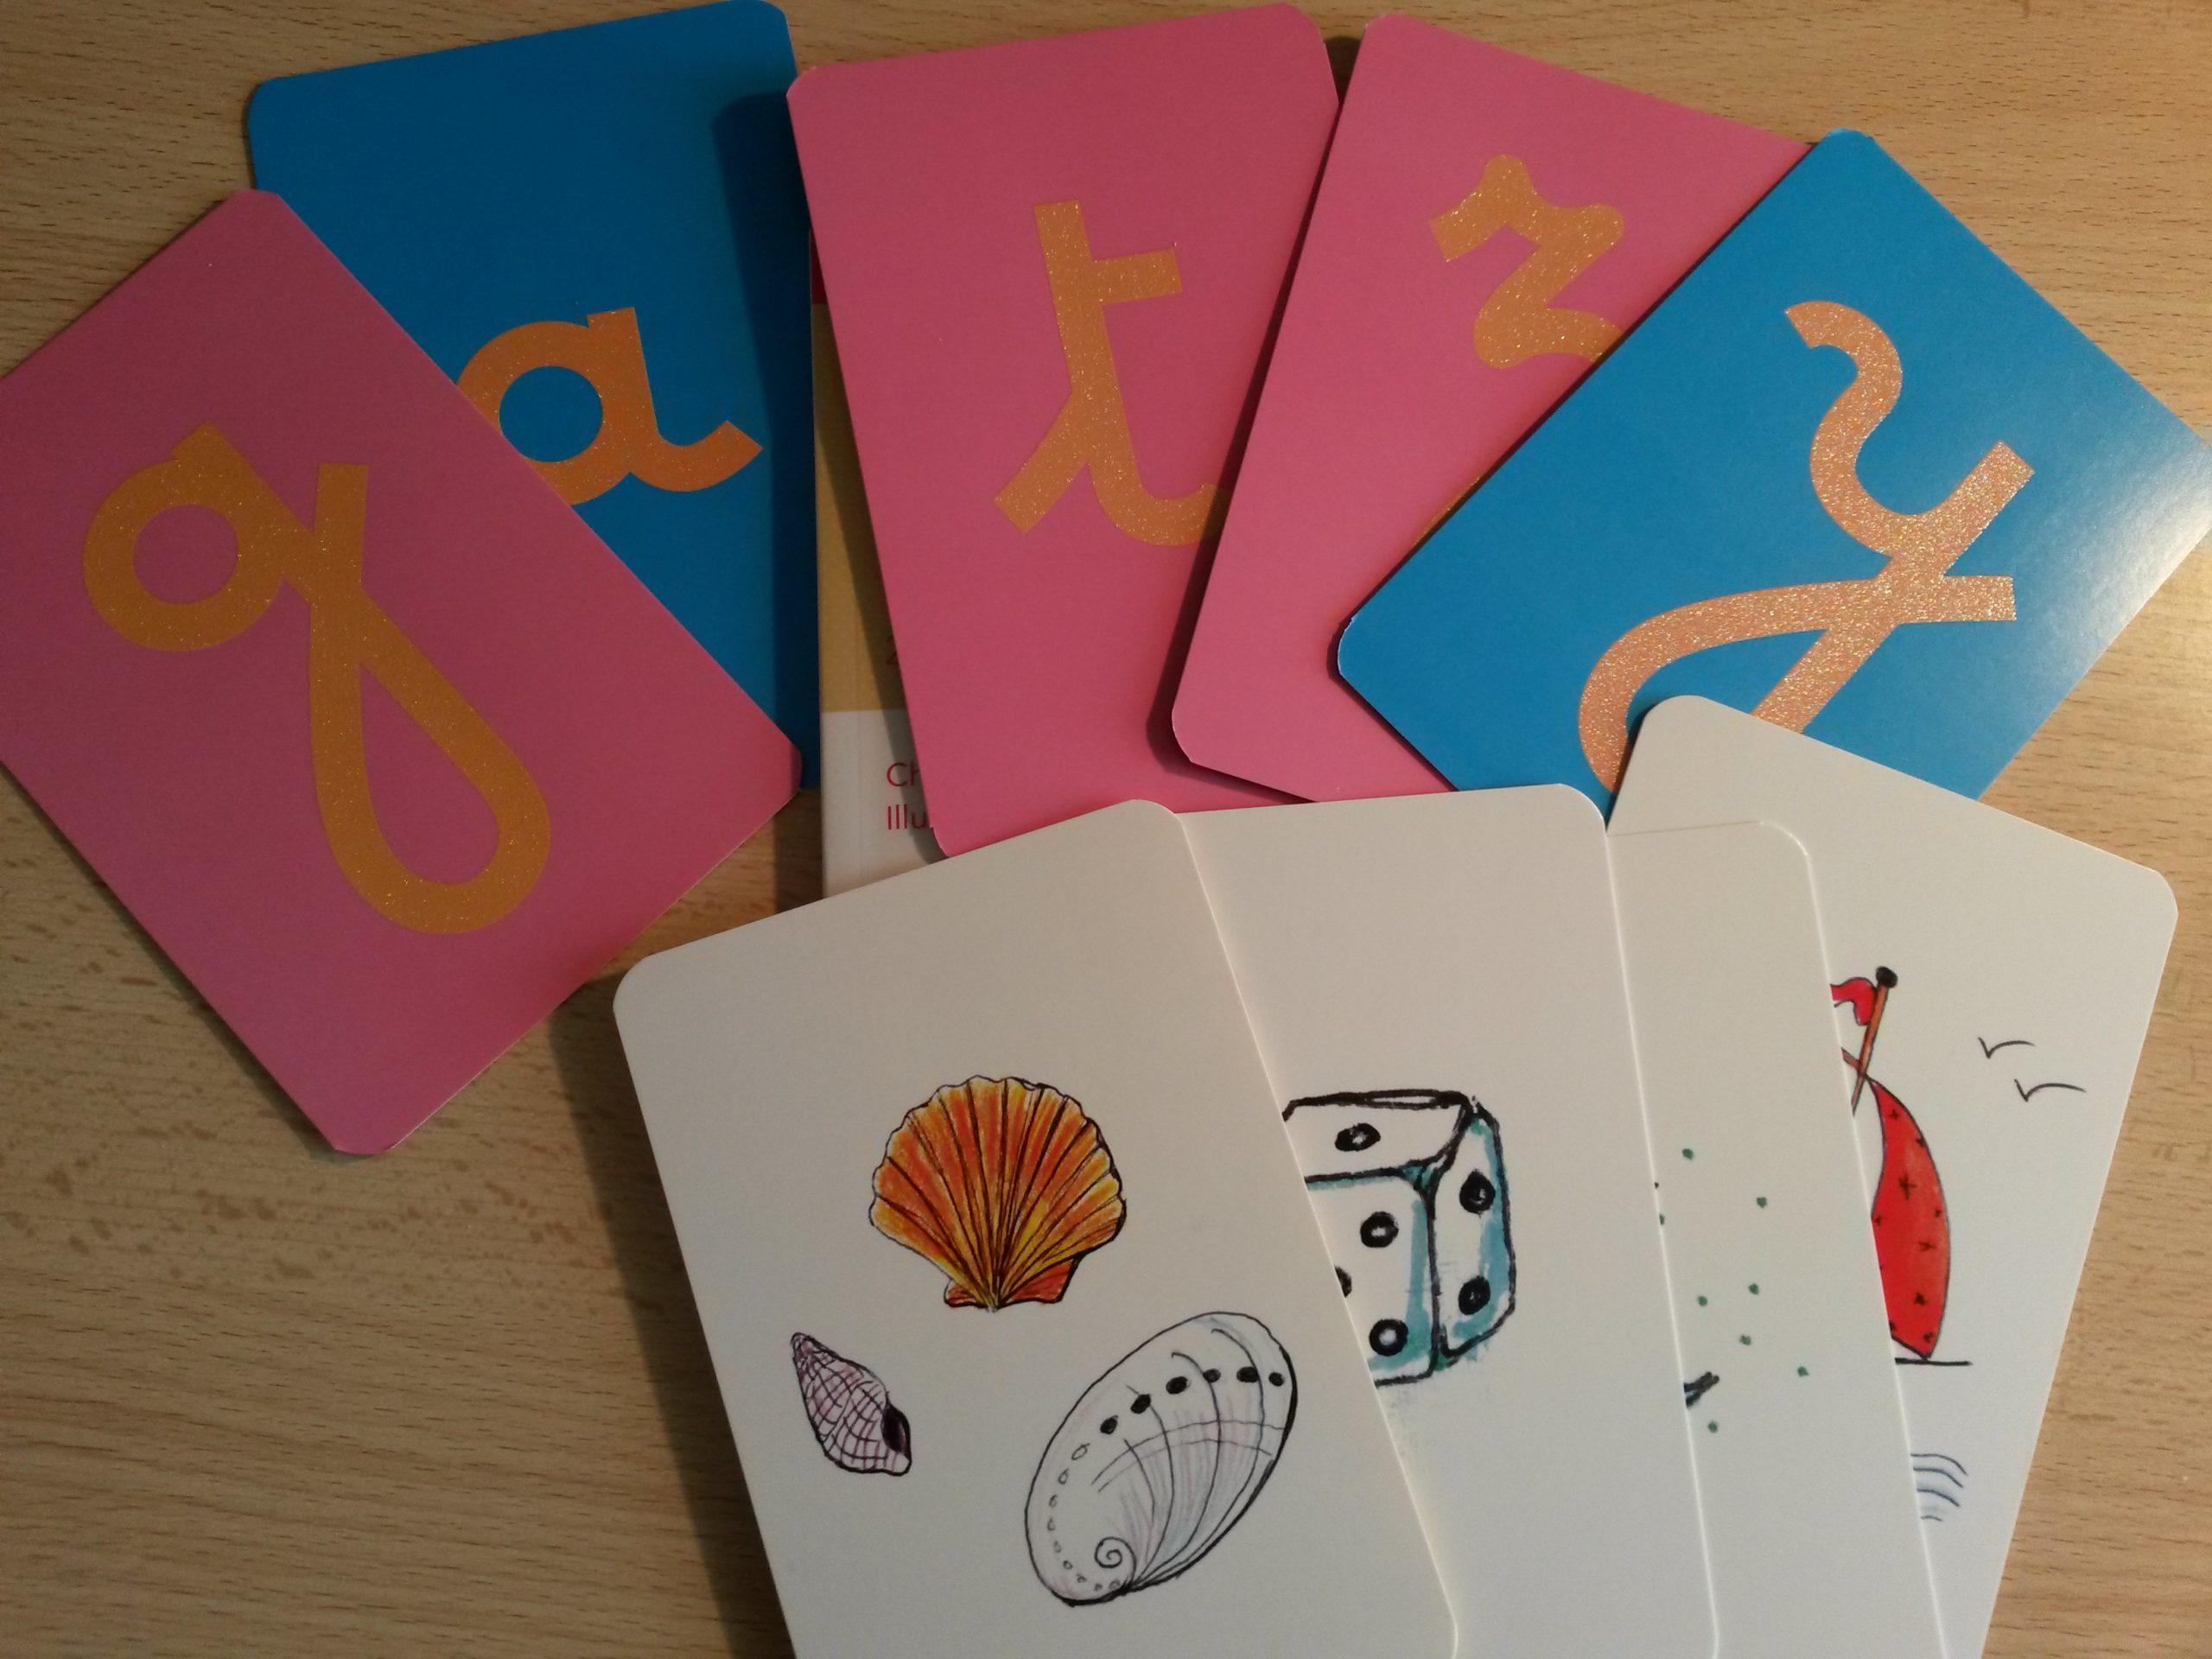 10 Activités D'écriture Plaisir Pour Les Enfants à Apprendre Les Lettres En Jouant